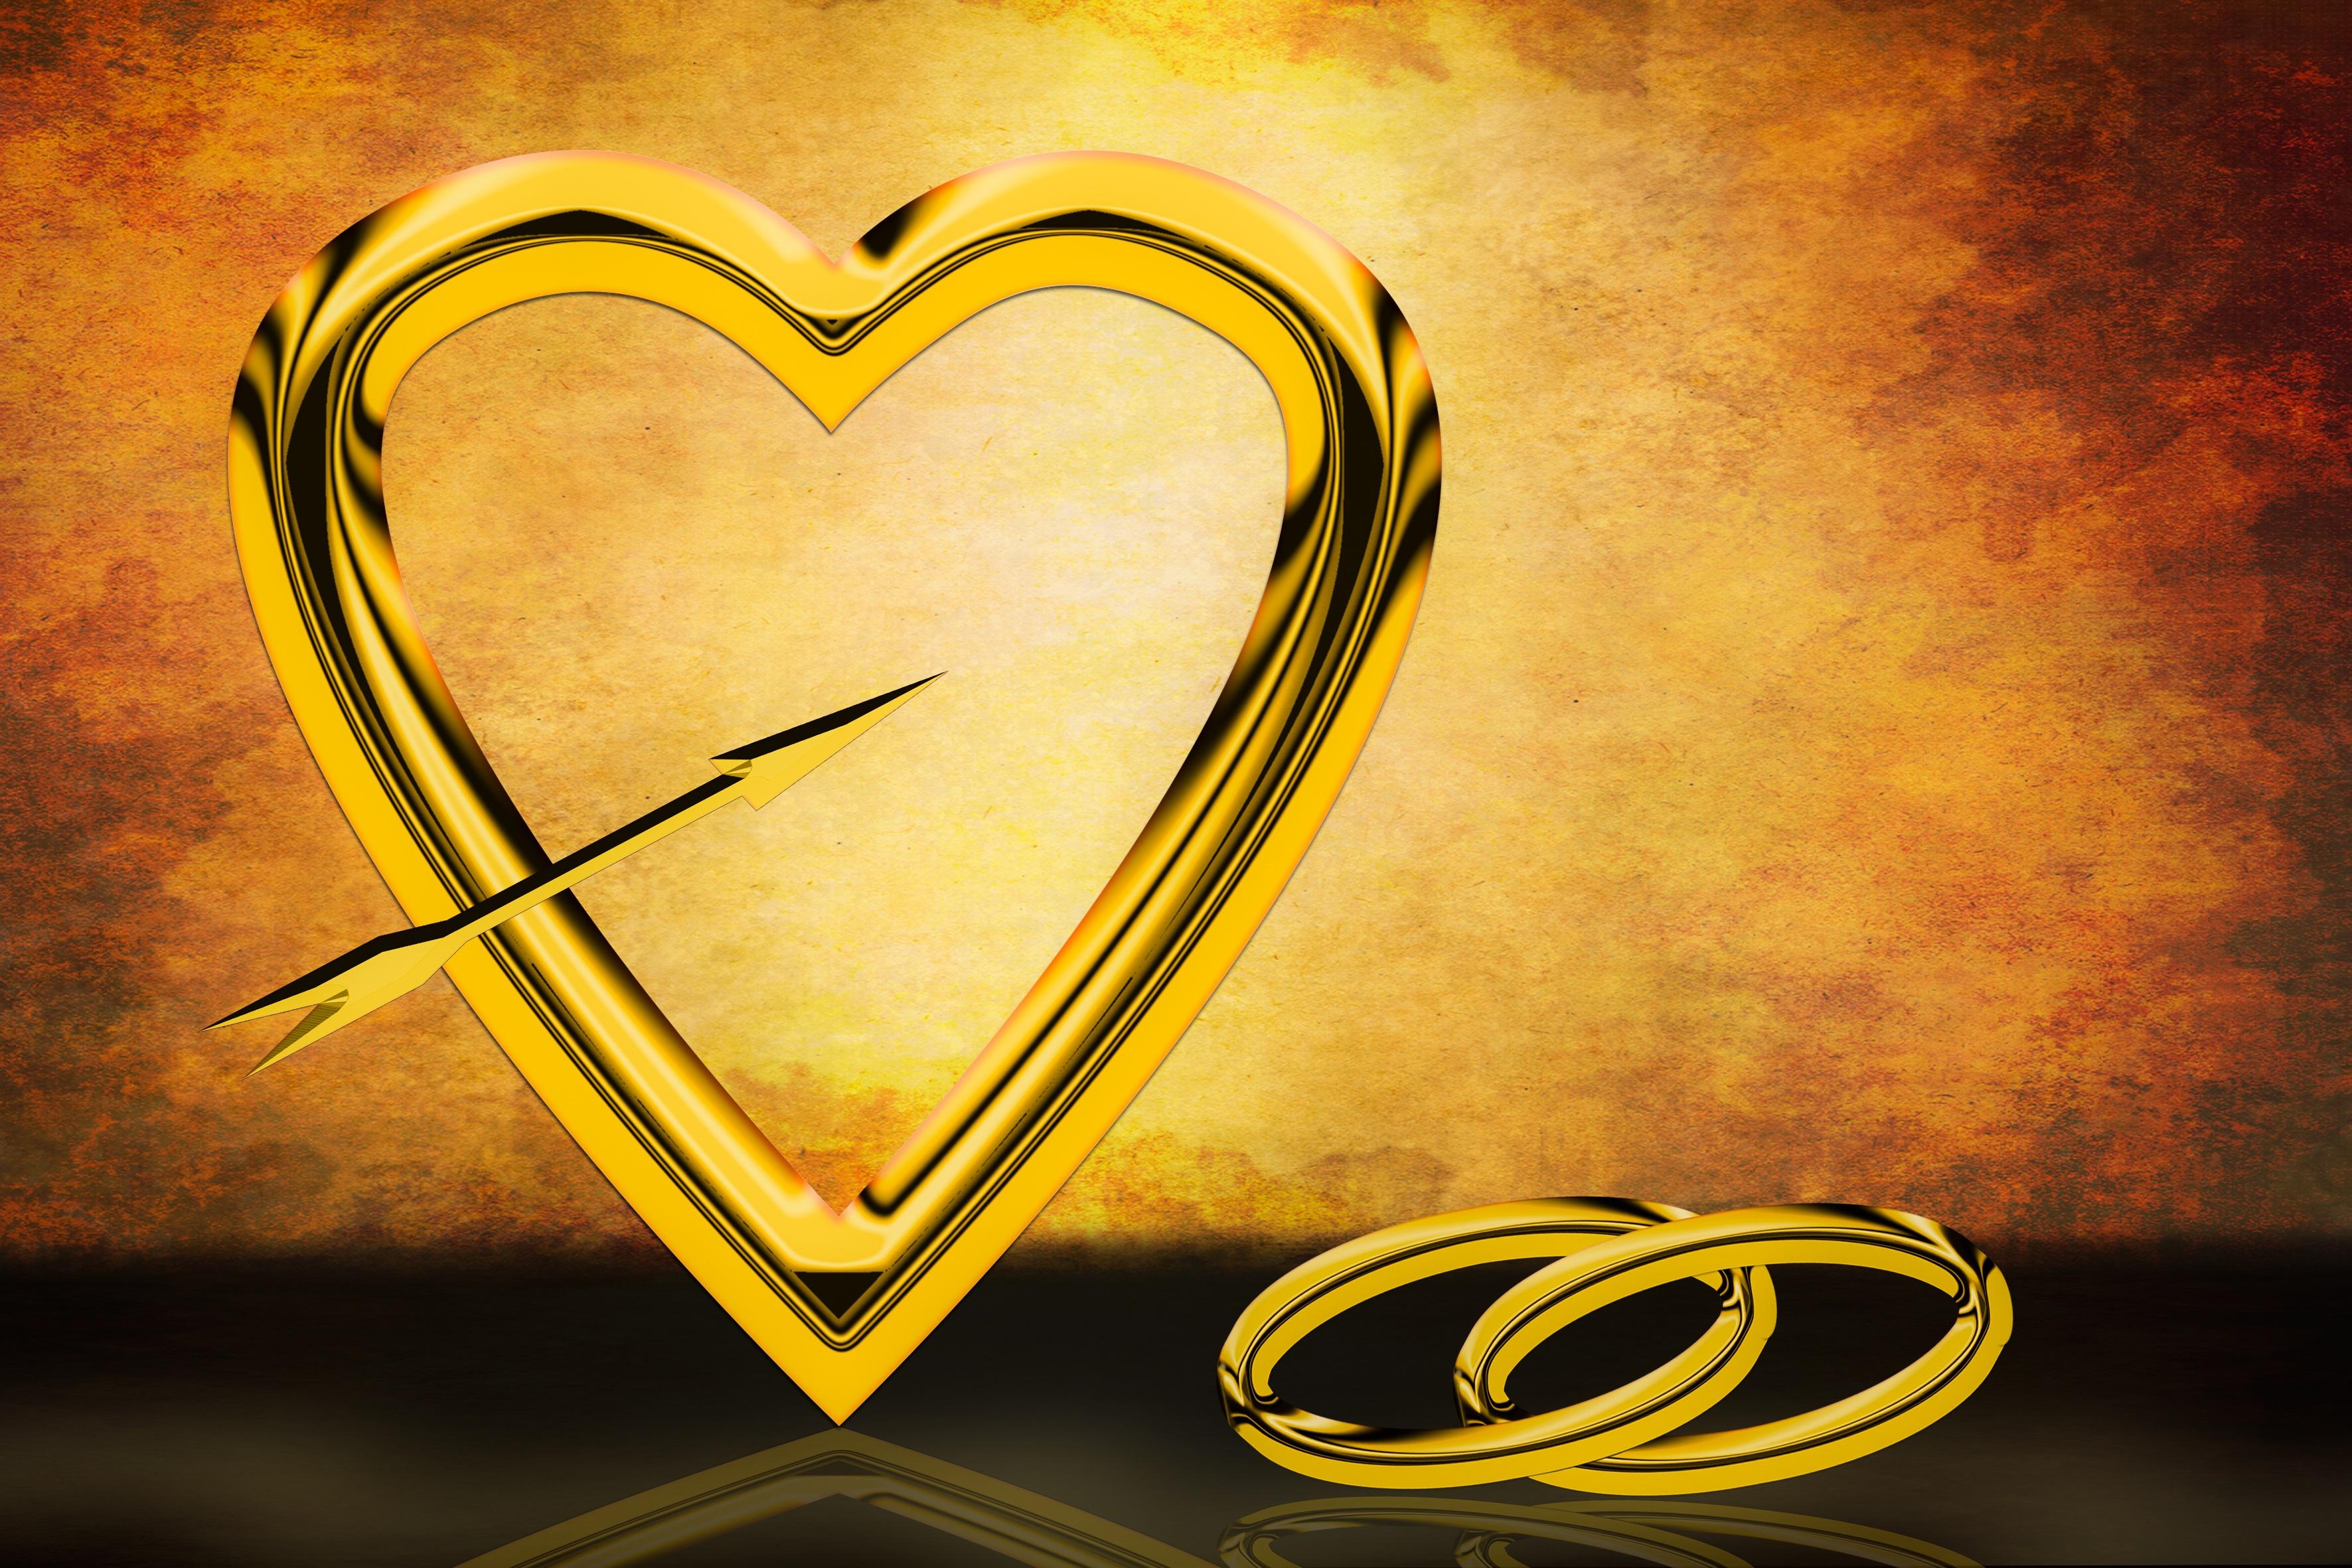 Tekst Ringen Huwelijk : Gratis afbeeldingen aantal hart gouden symbool